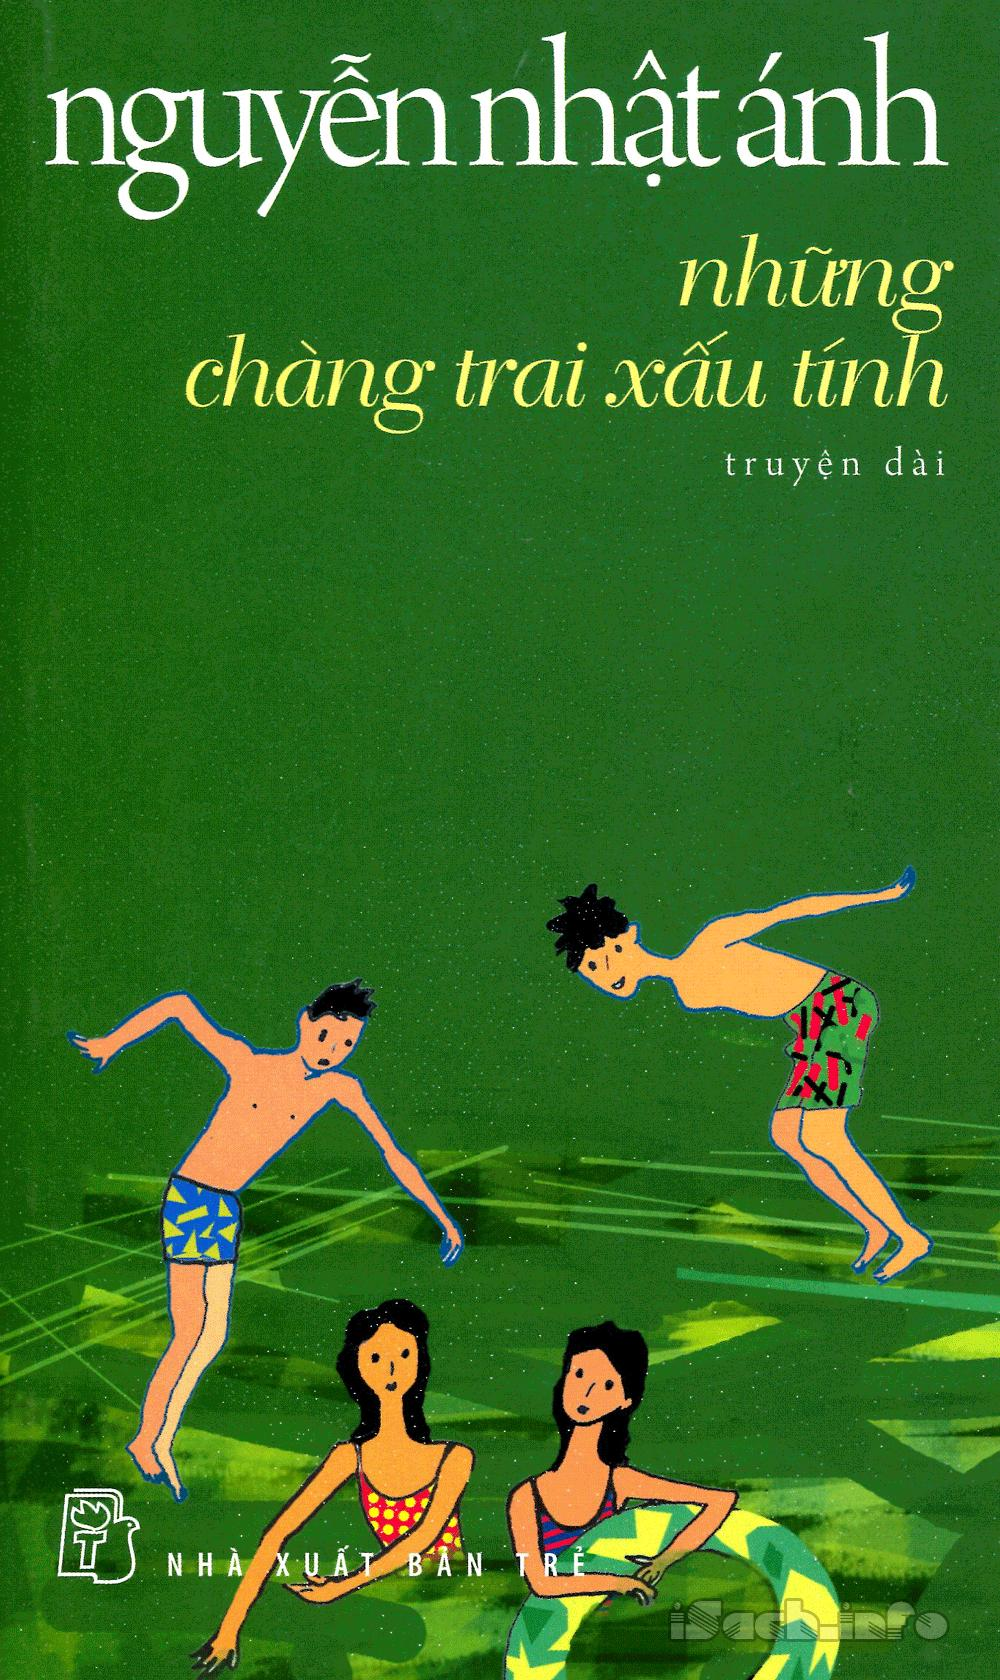 Những Chàng Trai Xấu Tính - Nguyễn Nhật Ánh